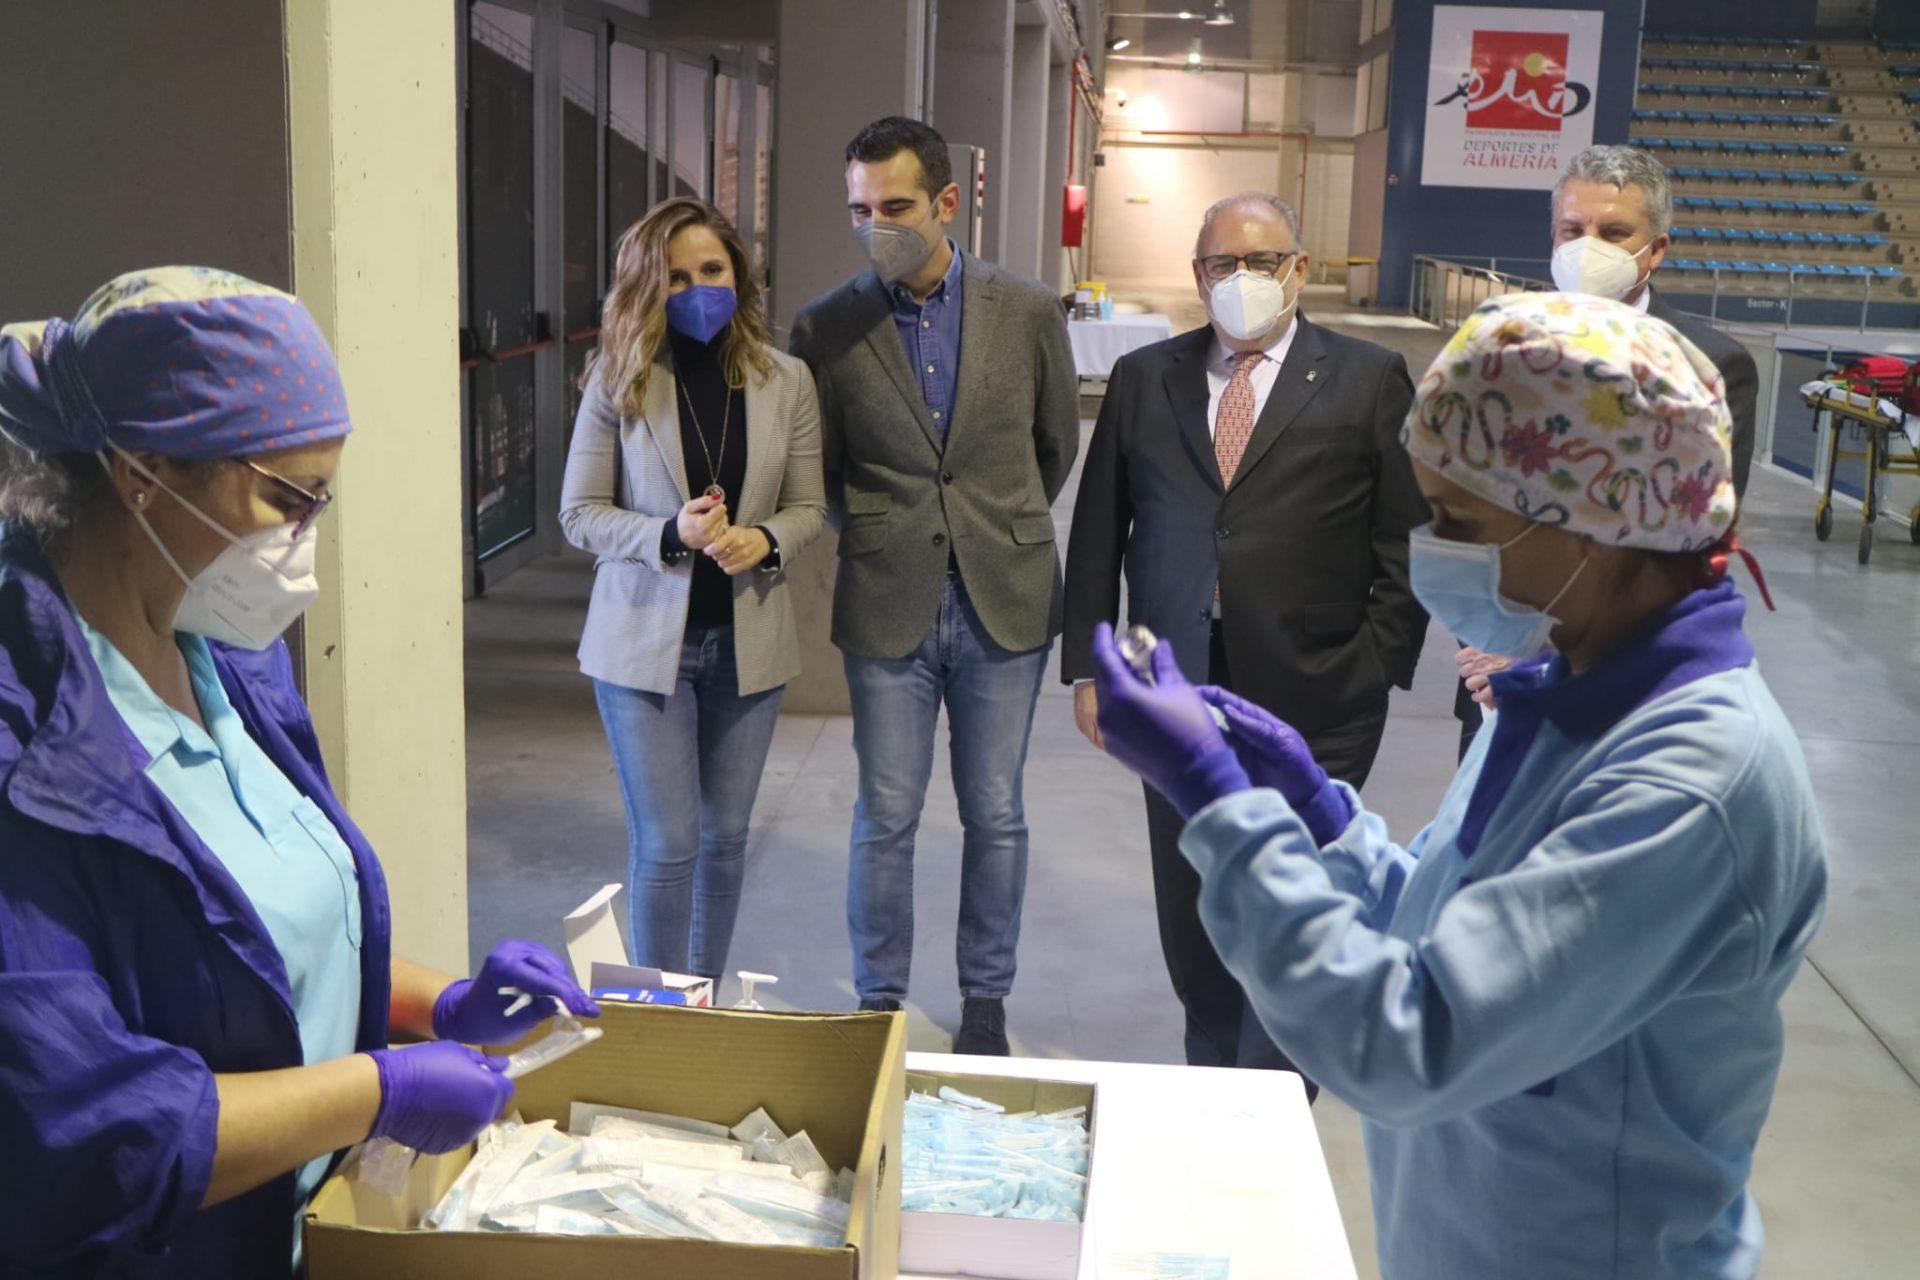 Salud inicia la vacunación contra el Covid-19 en el Palacio de los Juegos Mediterráneos